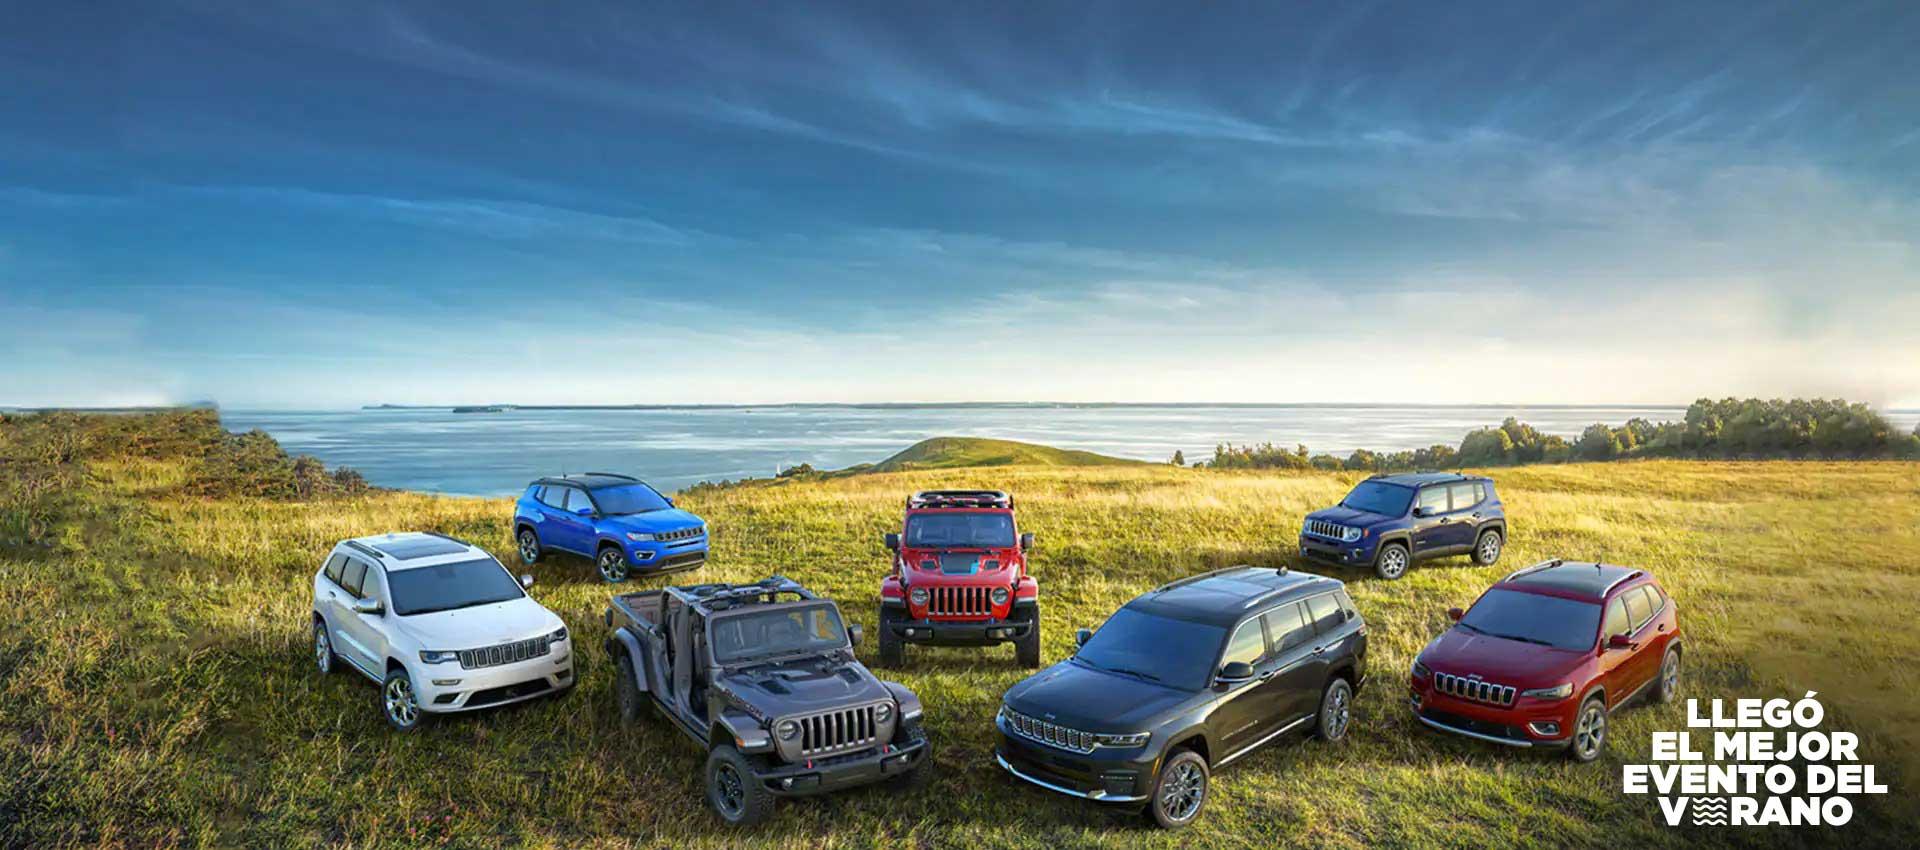 """La línea Jeep 2021 en una colina verde que mira hacia el agua. Adelante: un Jeep Grand Cherokee Summit, Gladiator Rubicon, Grand Cherokee L y Cherokee Limited. Atrás: unCompass Limited, Wrangler Rubicon4xe y Renegade Limited. El logo """"Conviértelo en el evento del verano"""""""